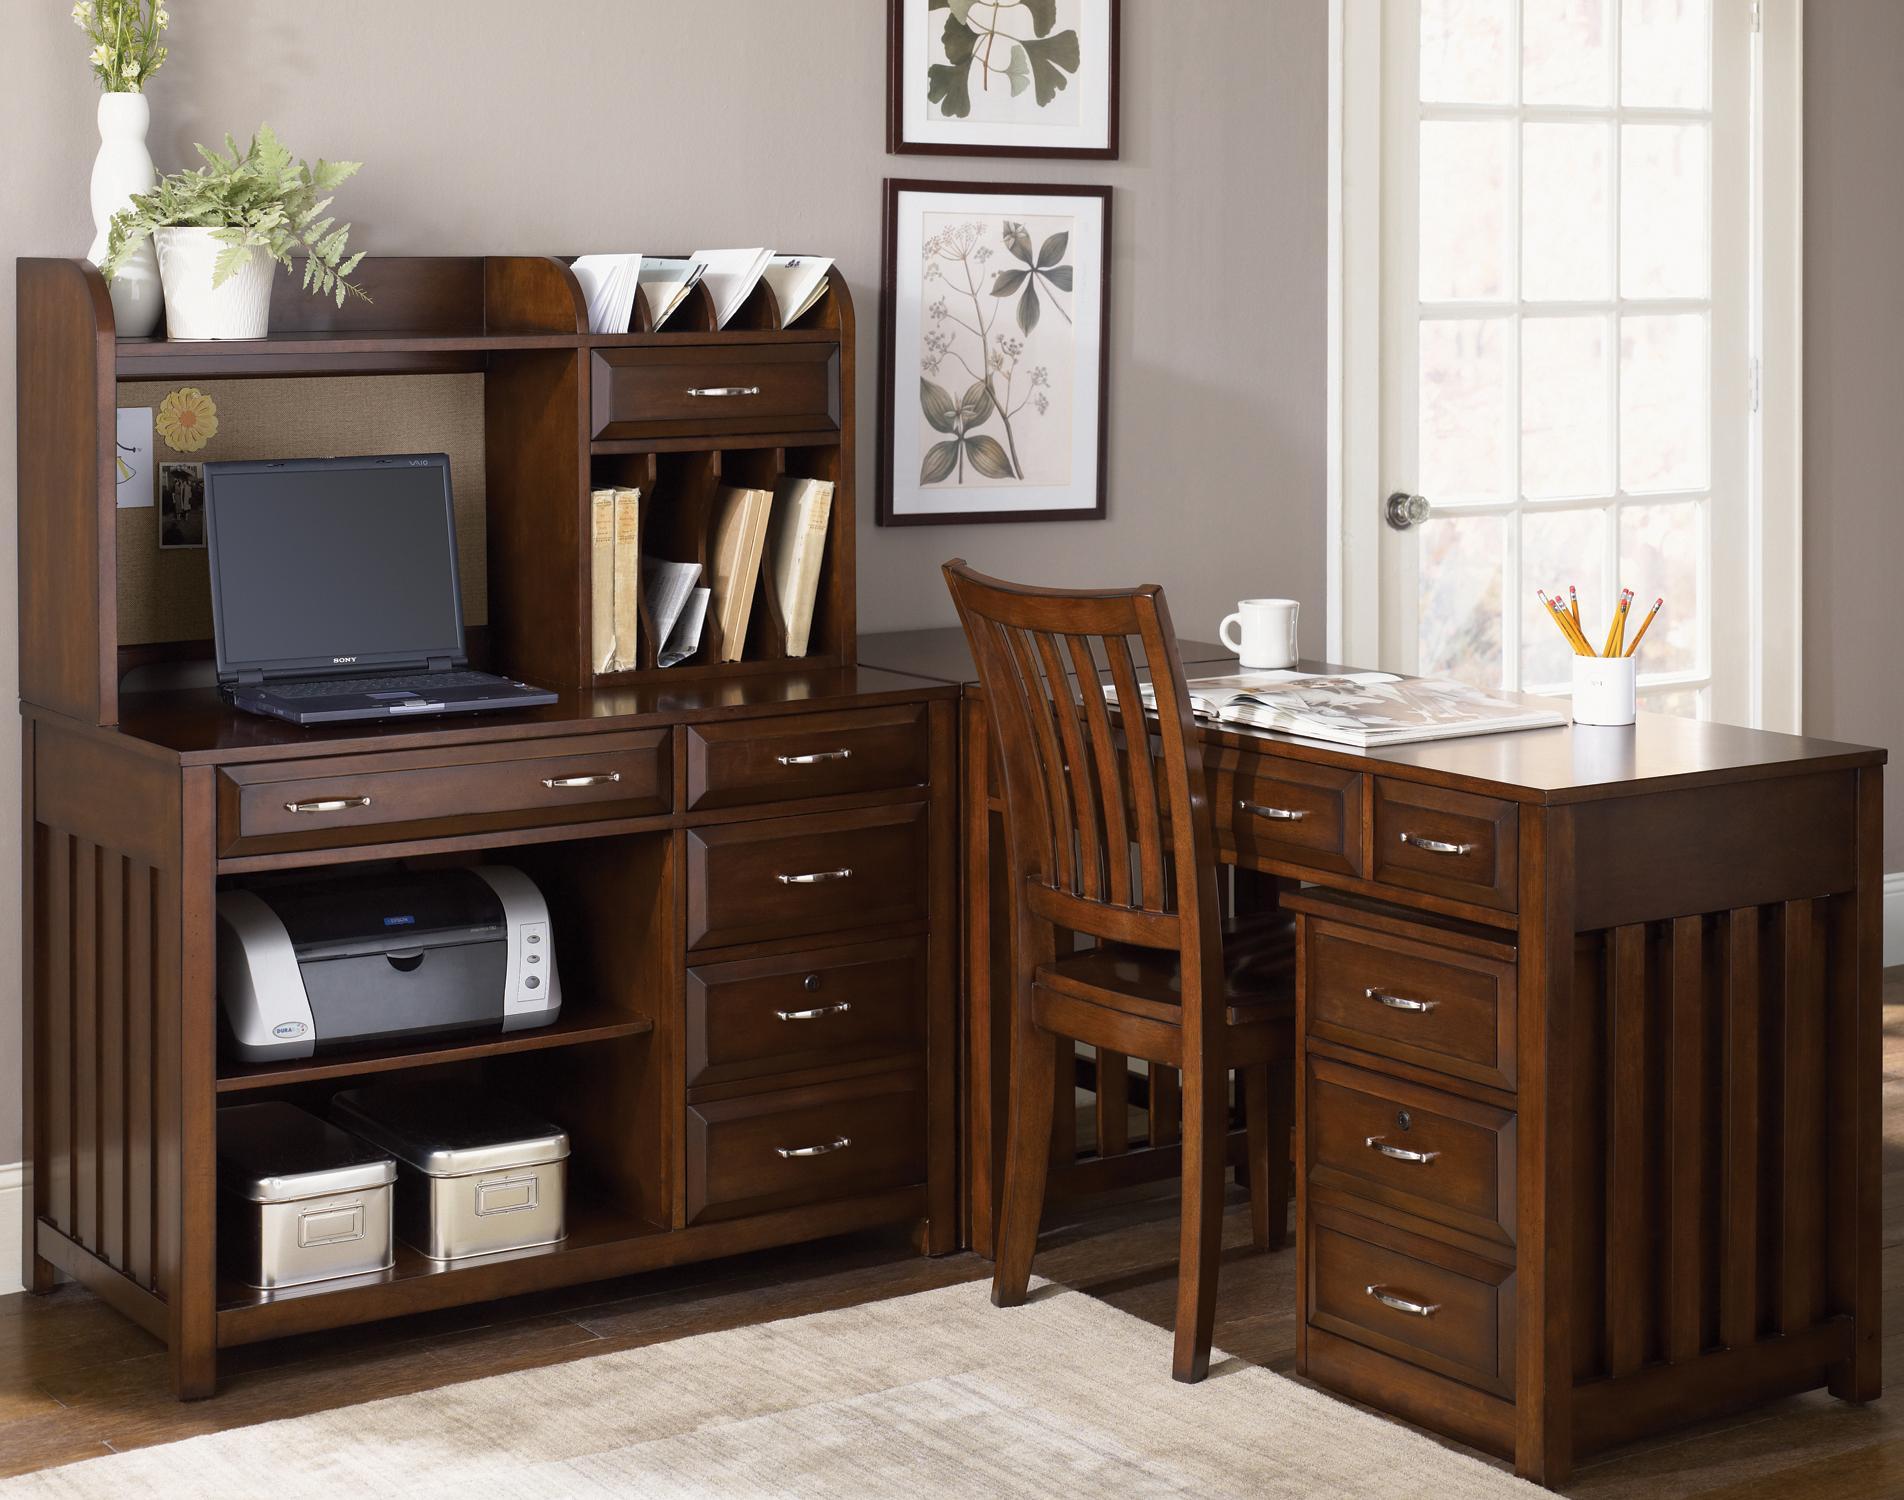 4 Piece L-Shaped Desk